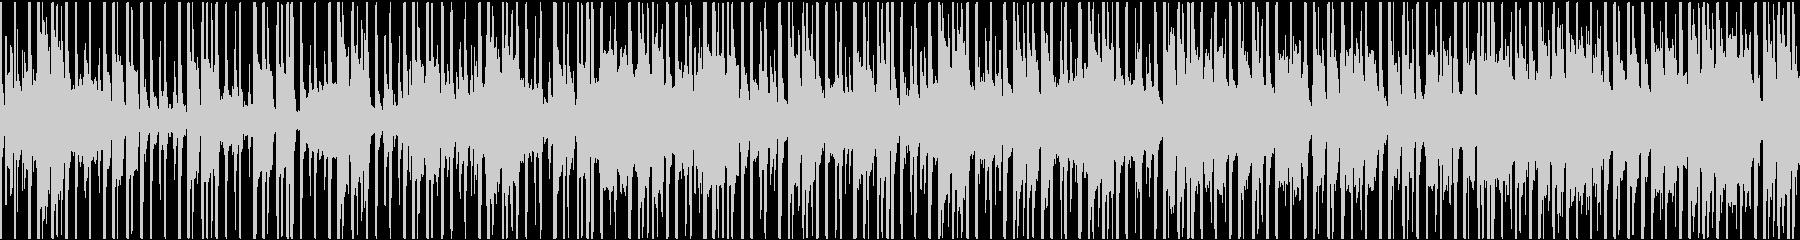 最先端と和テイストの融合したBGMの未再生の波形